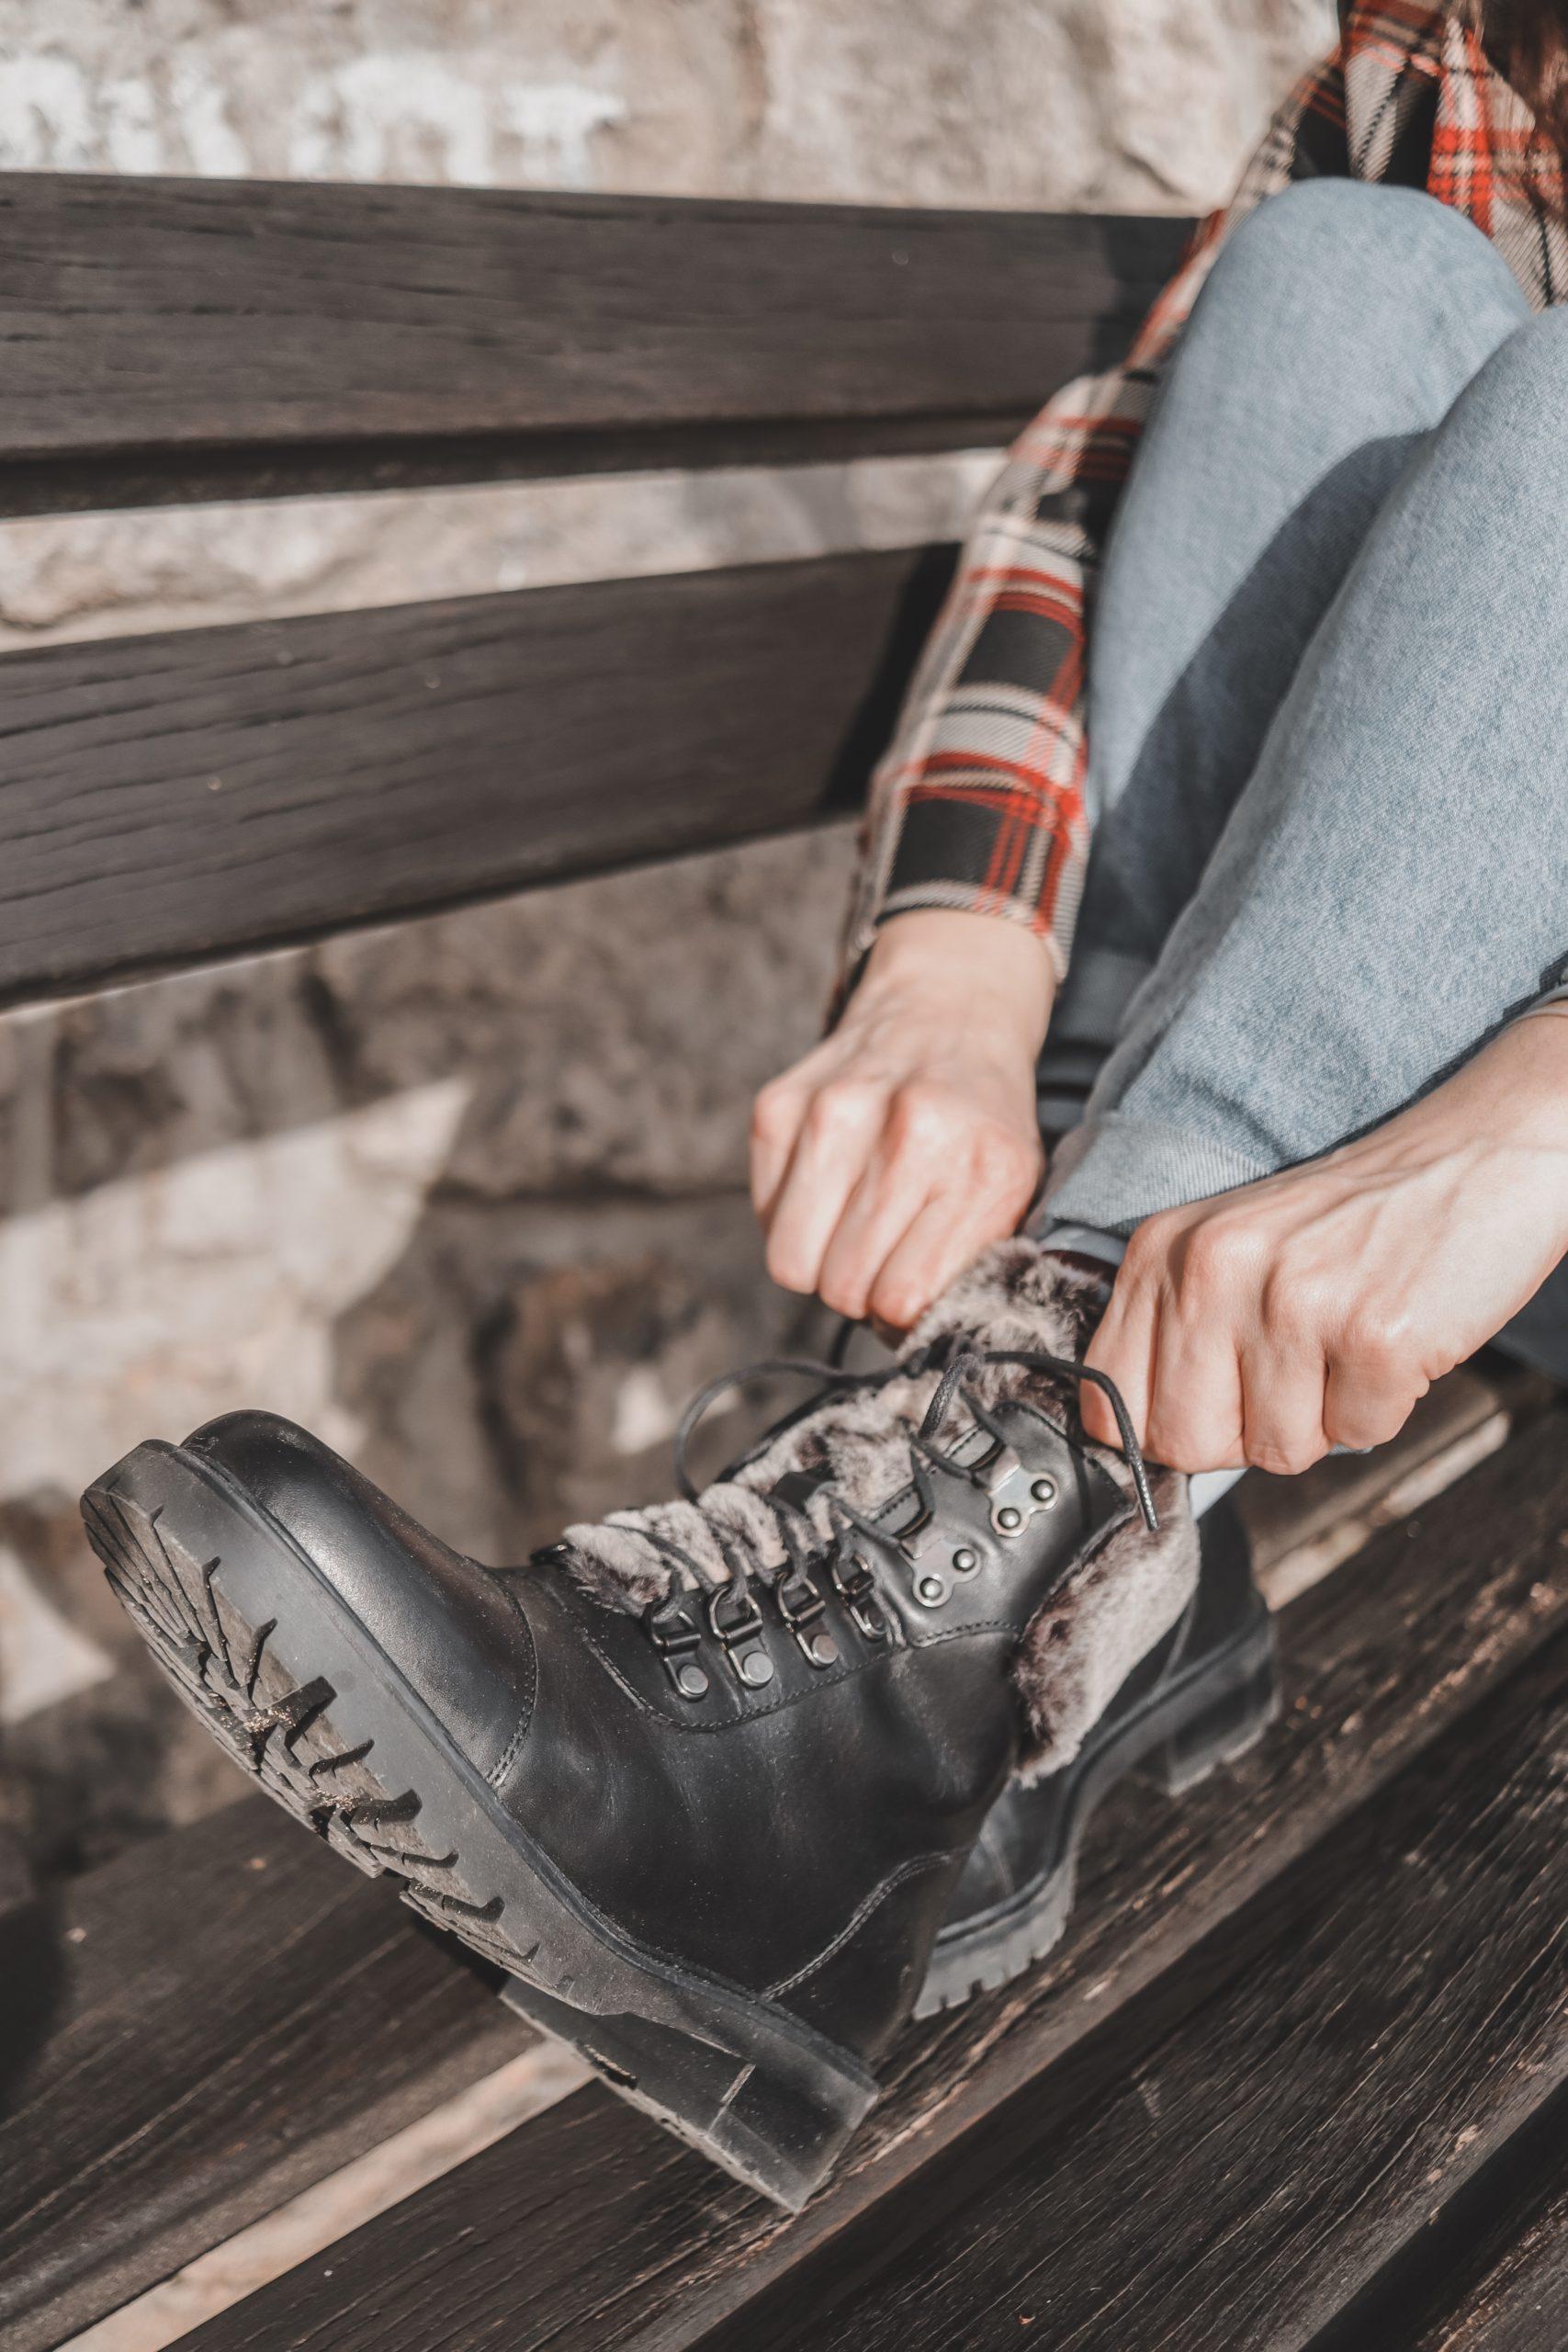 Deichmann Boots Blog Vienna Fashion Waltz Karl Lagerfeld Closed Karo Blazer H&M Fendi Baguette